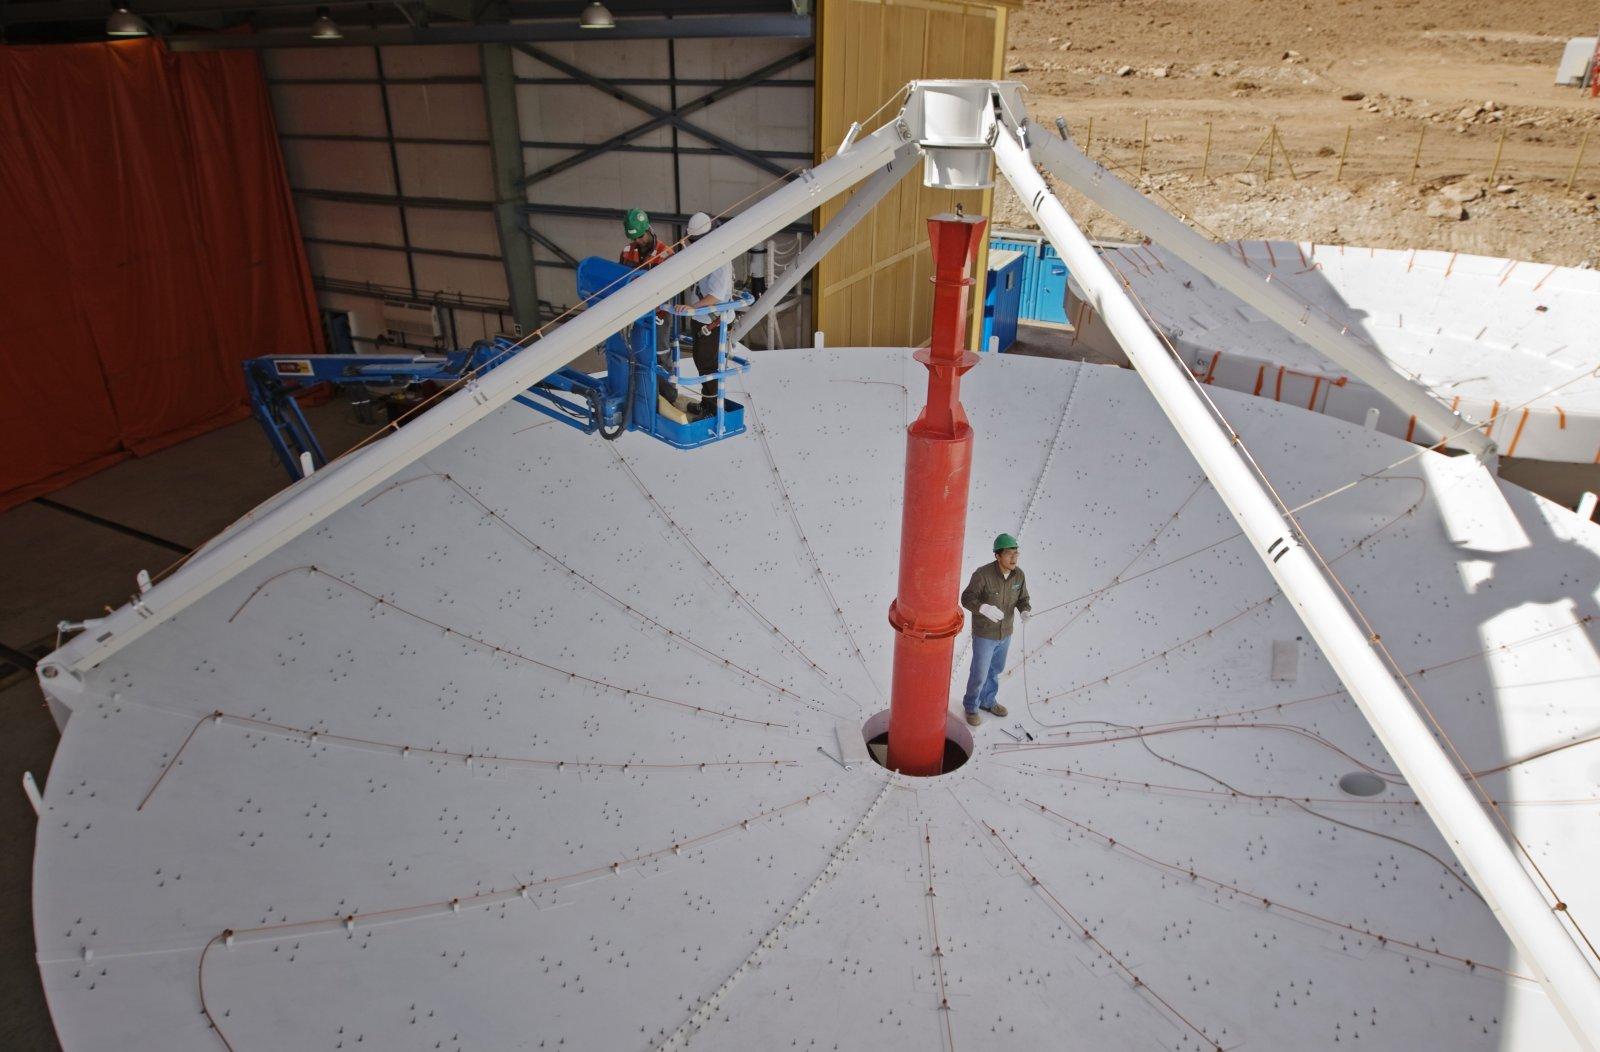 AEM Antenna Dish